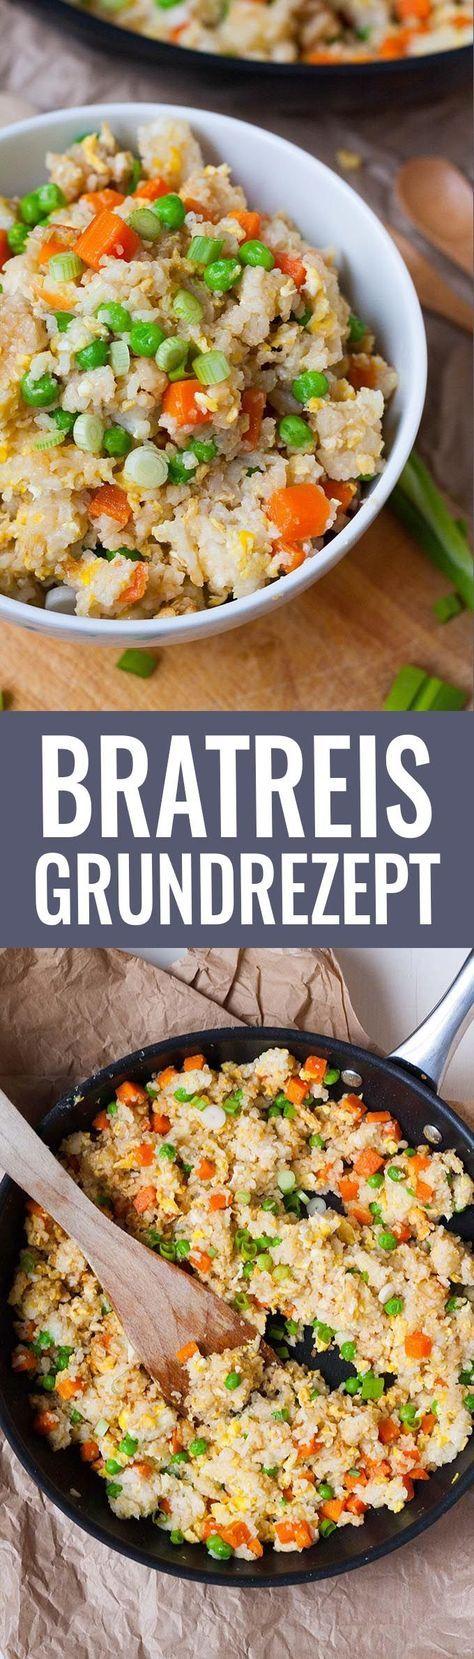 Bratreis Grundrezept – schnell, einfach und verdammt lecker